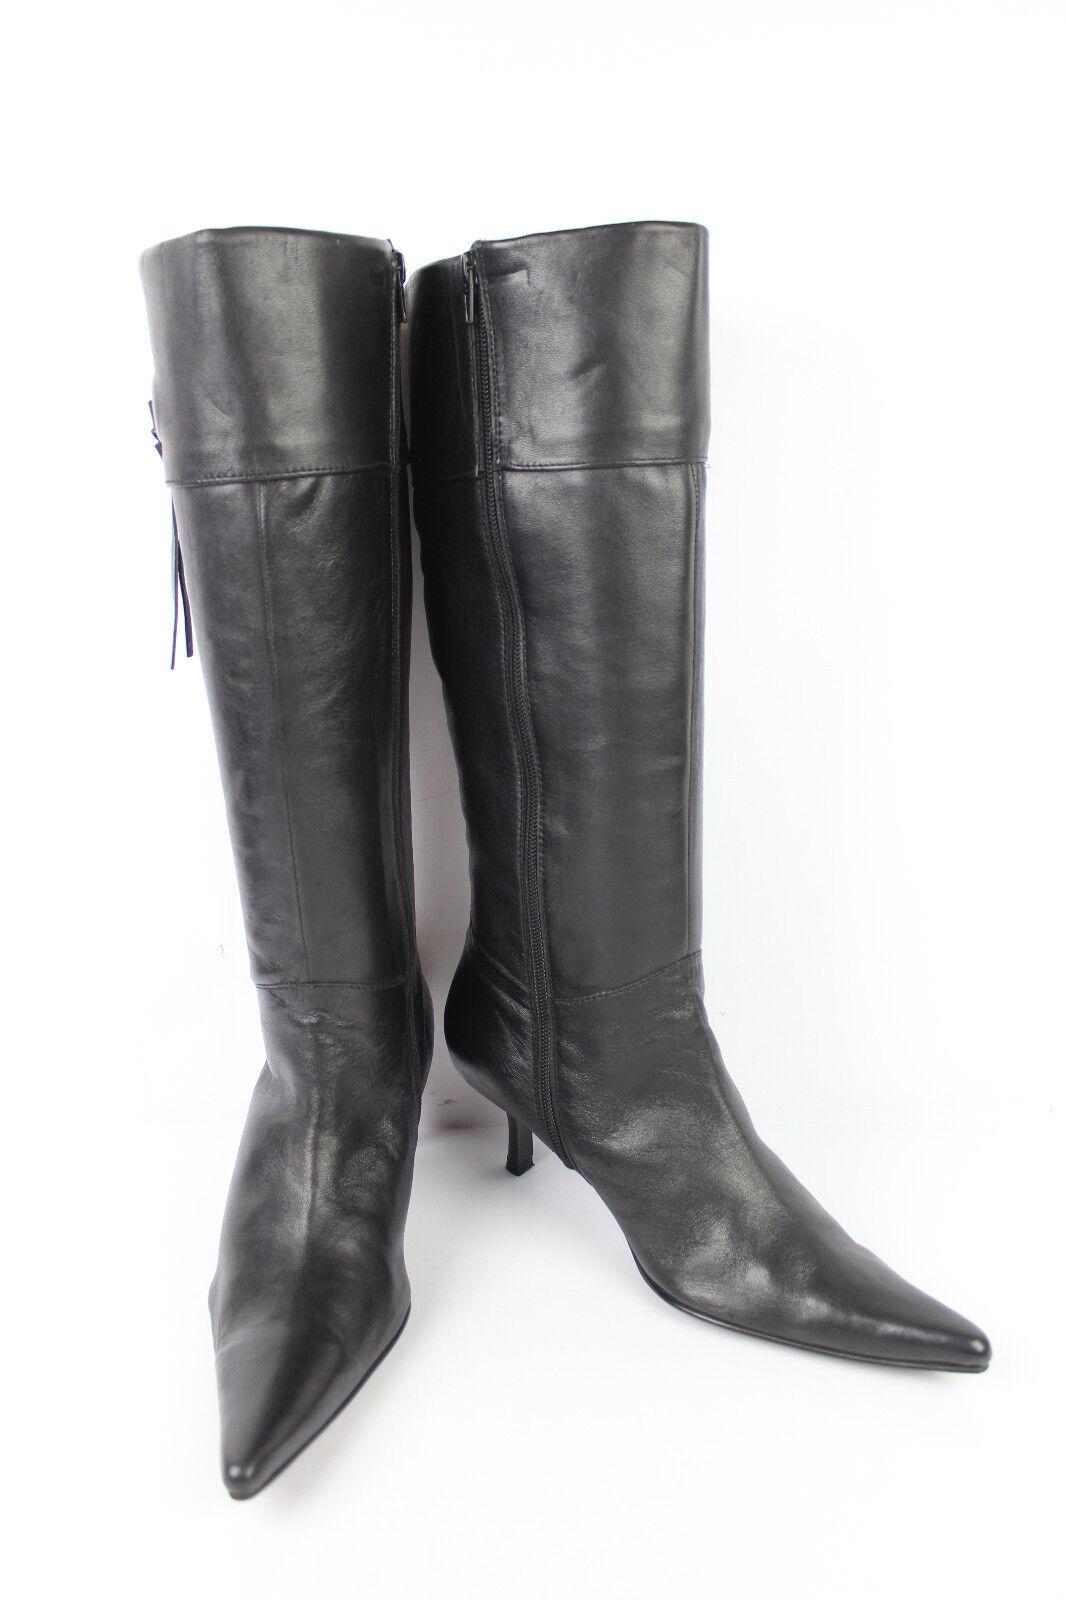 Stiefel eifersüchtig schwarzes Leder T 40 sehr guter Zustand